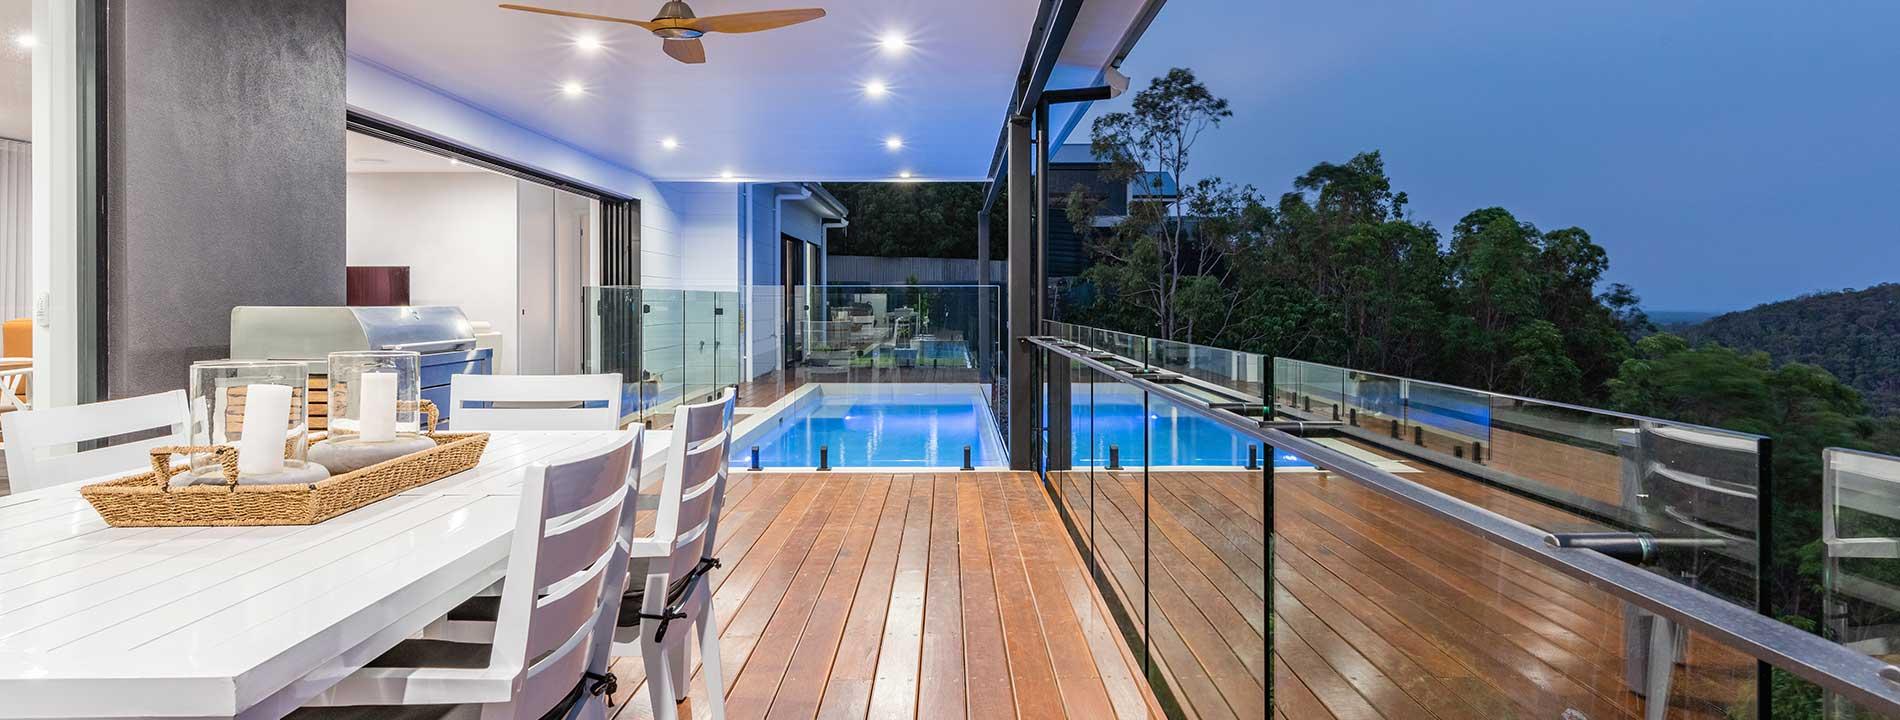 Glass balustrade and rail